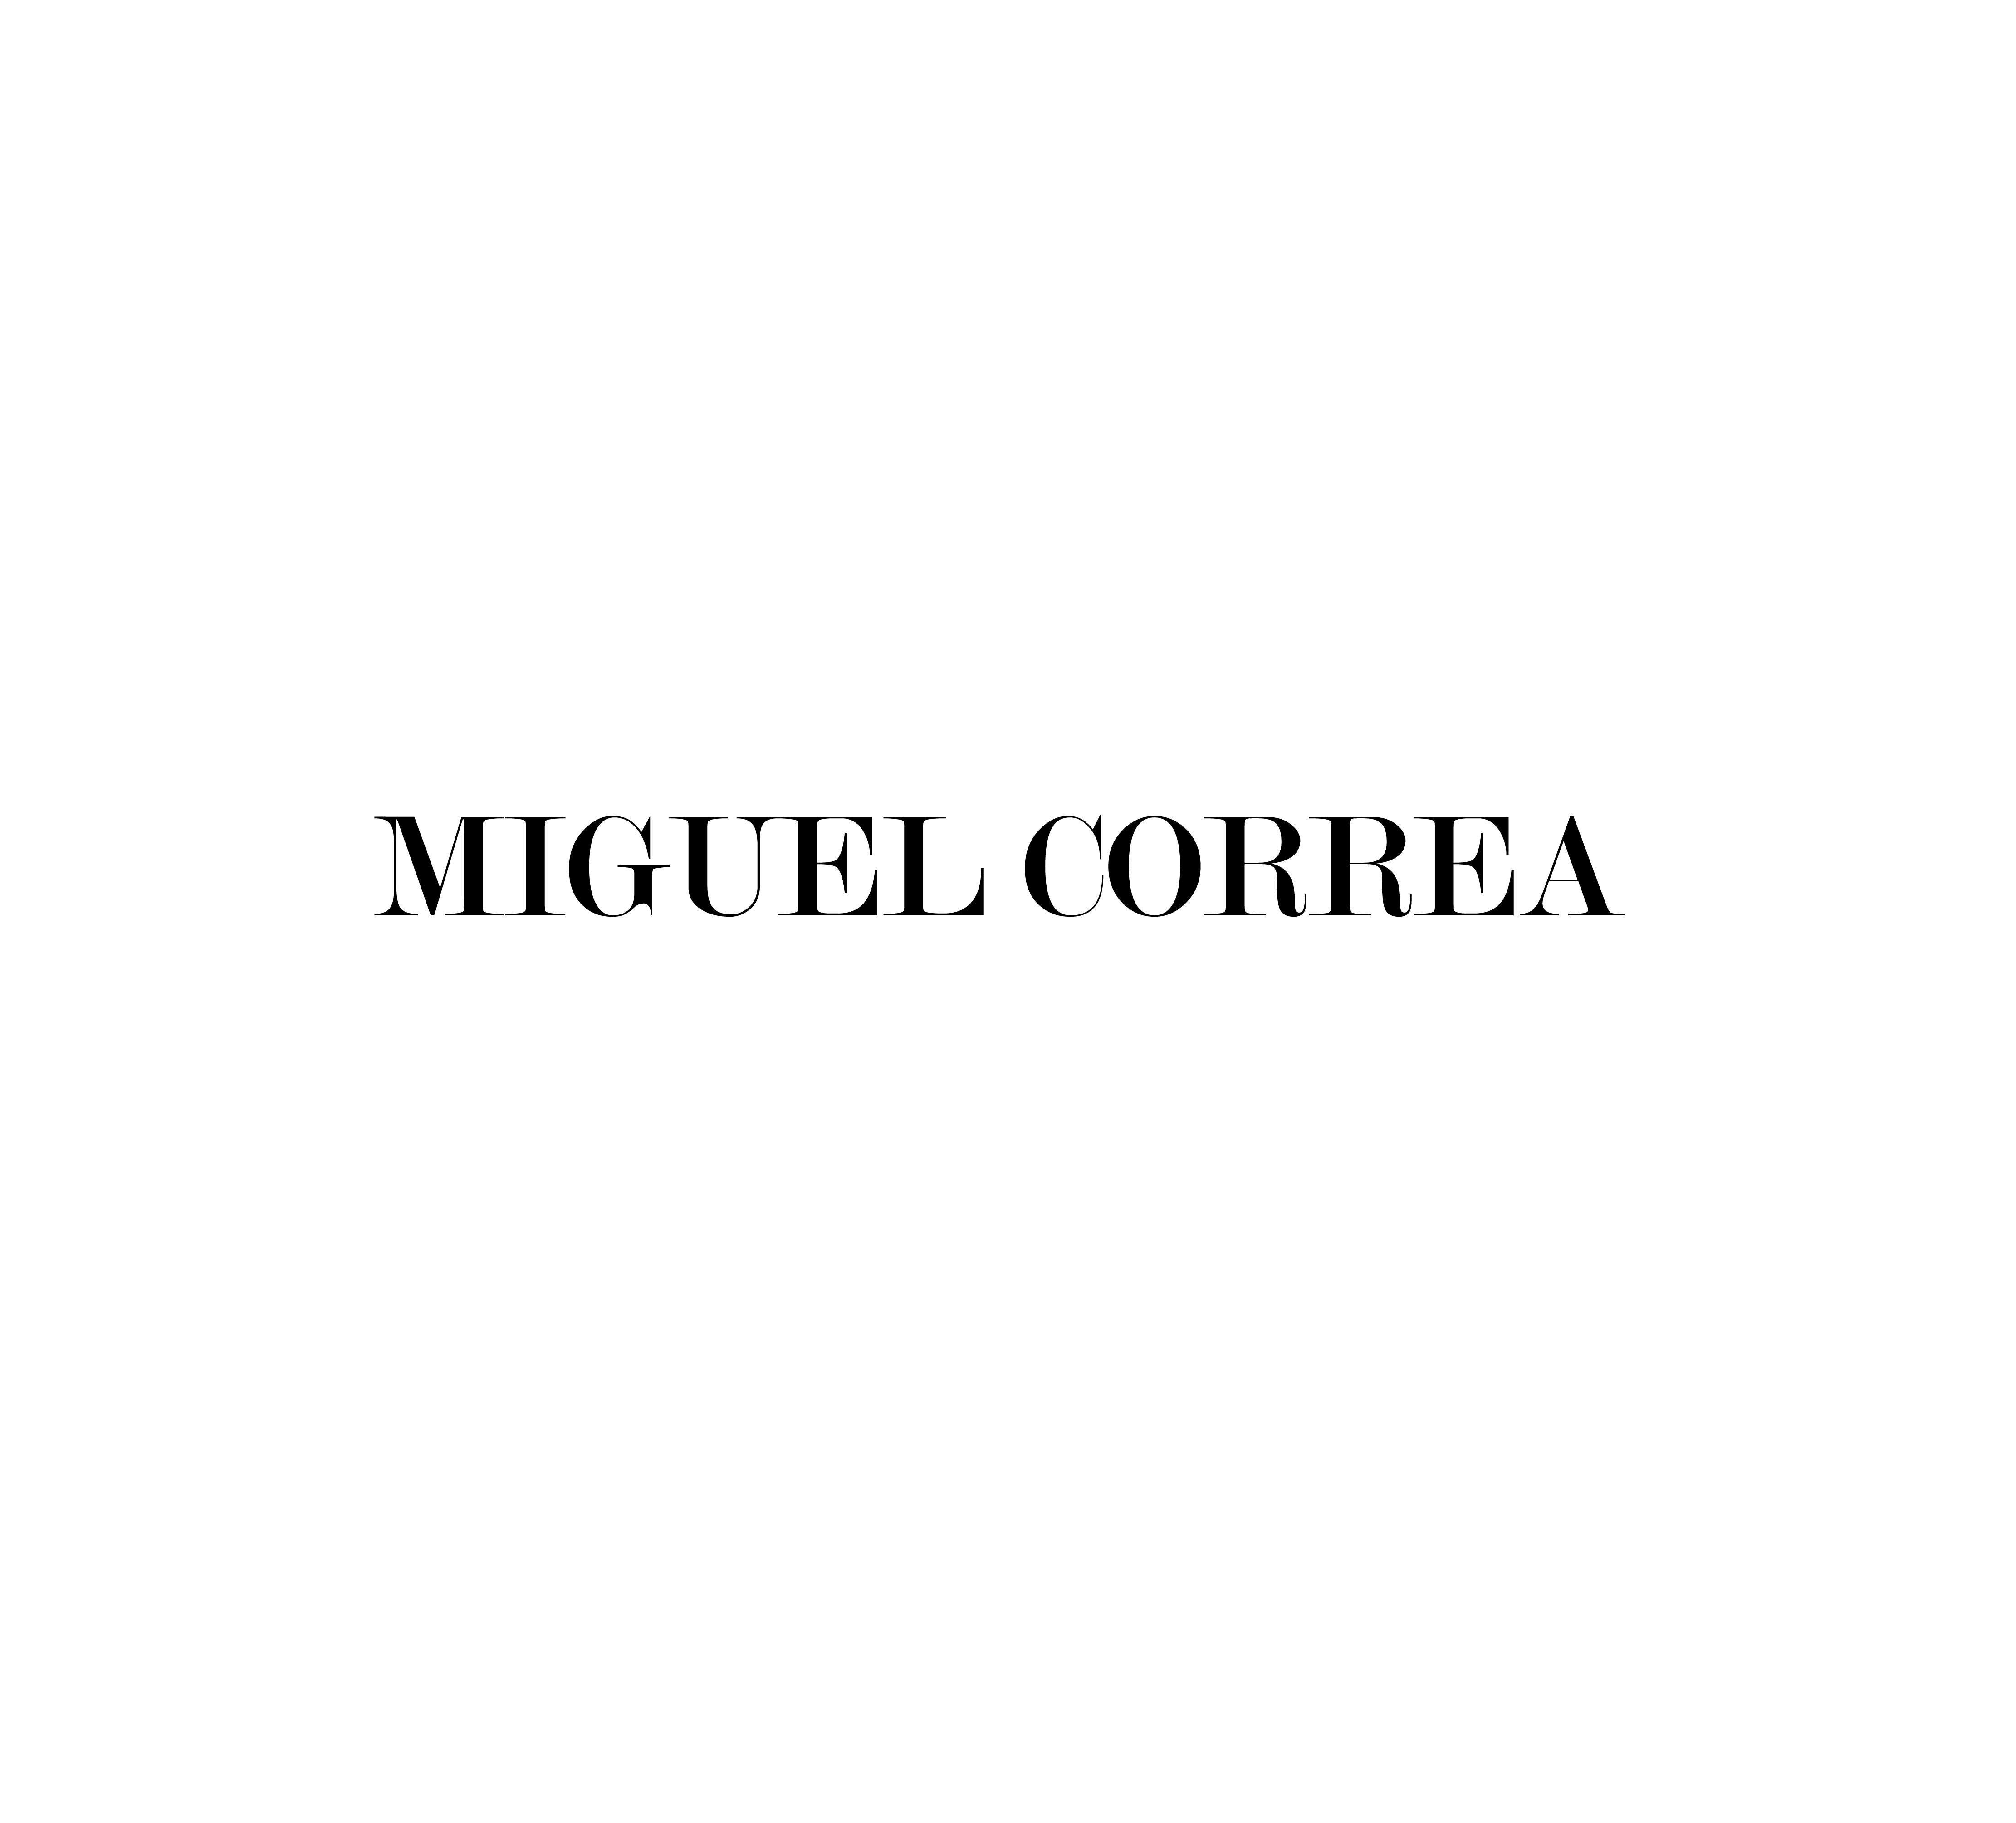 Miguel Correa